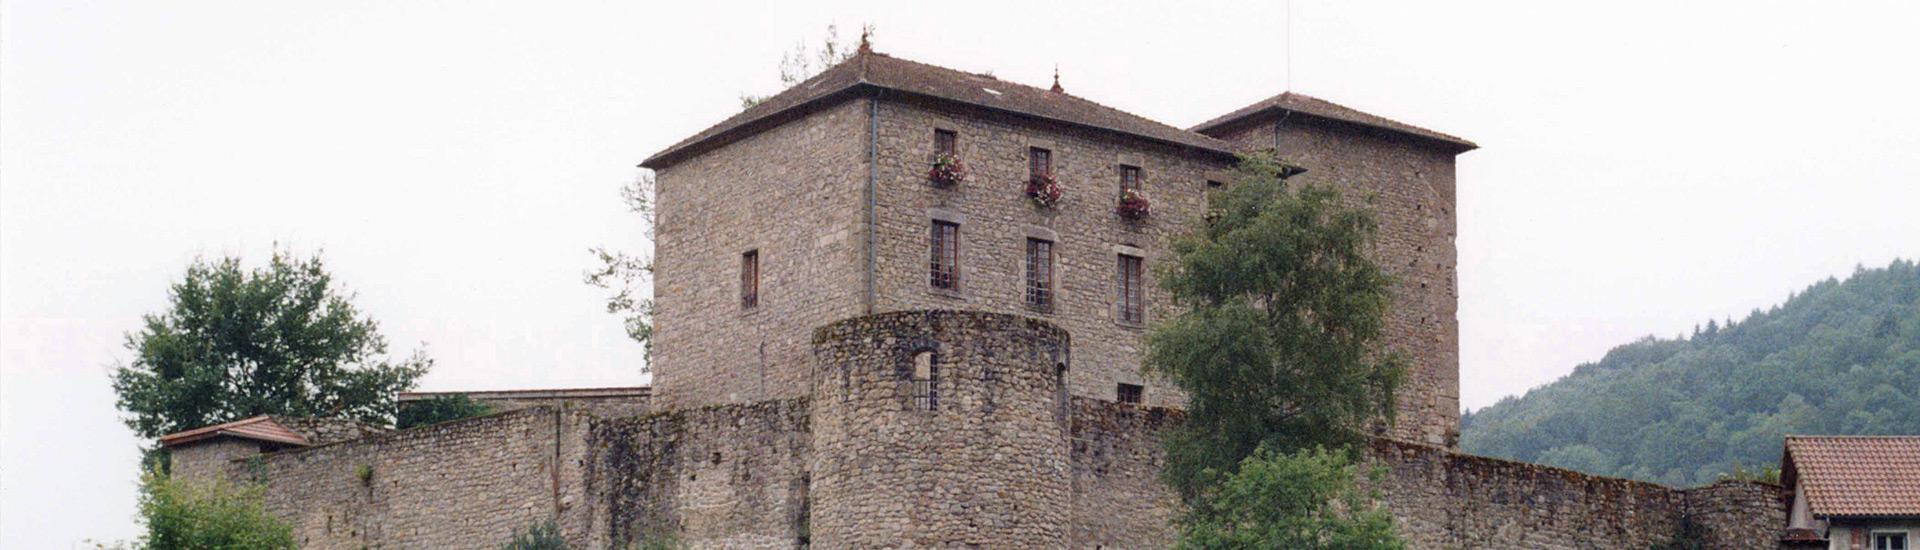 Château d'Olliergues